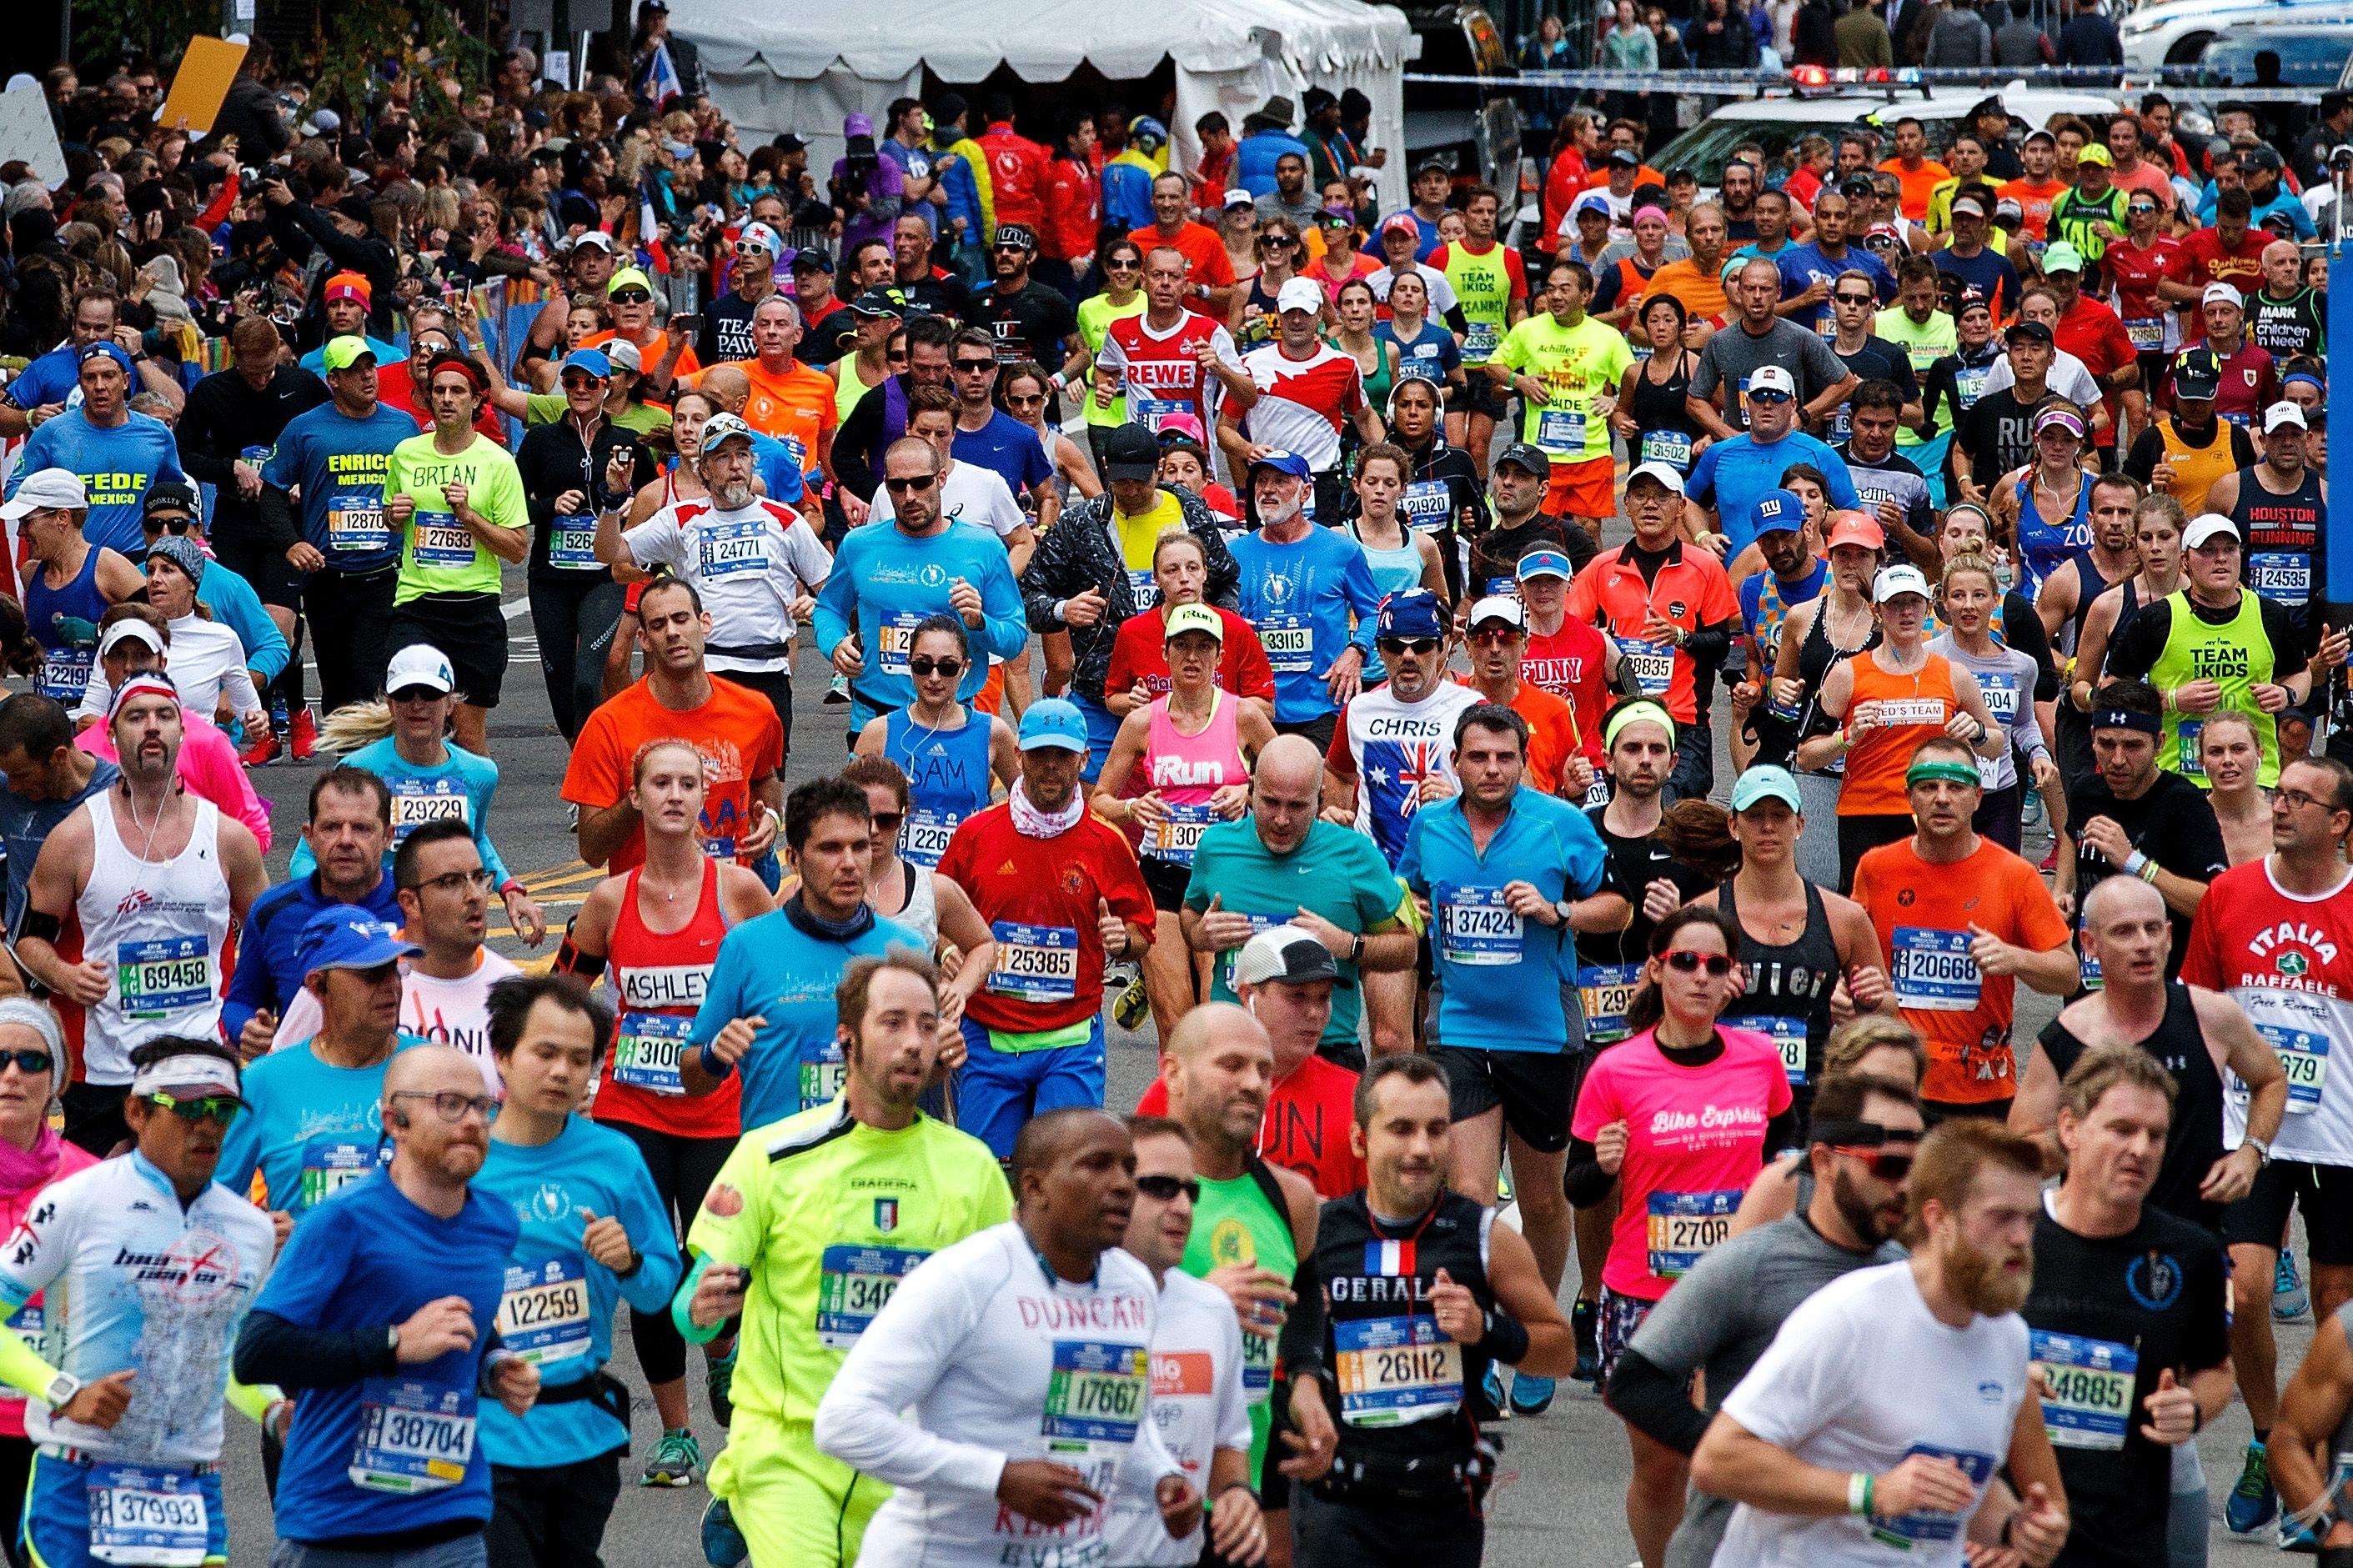 diabetes walk 2020 nyc maratón